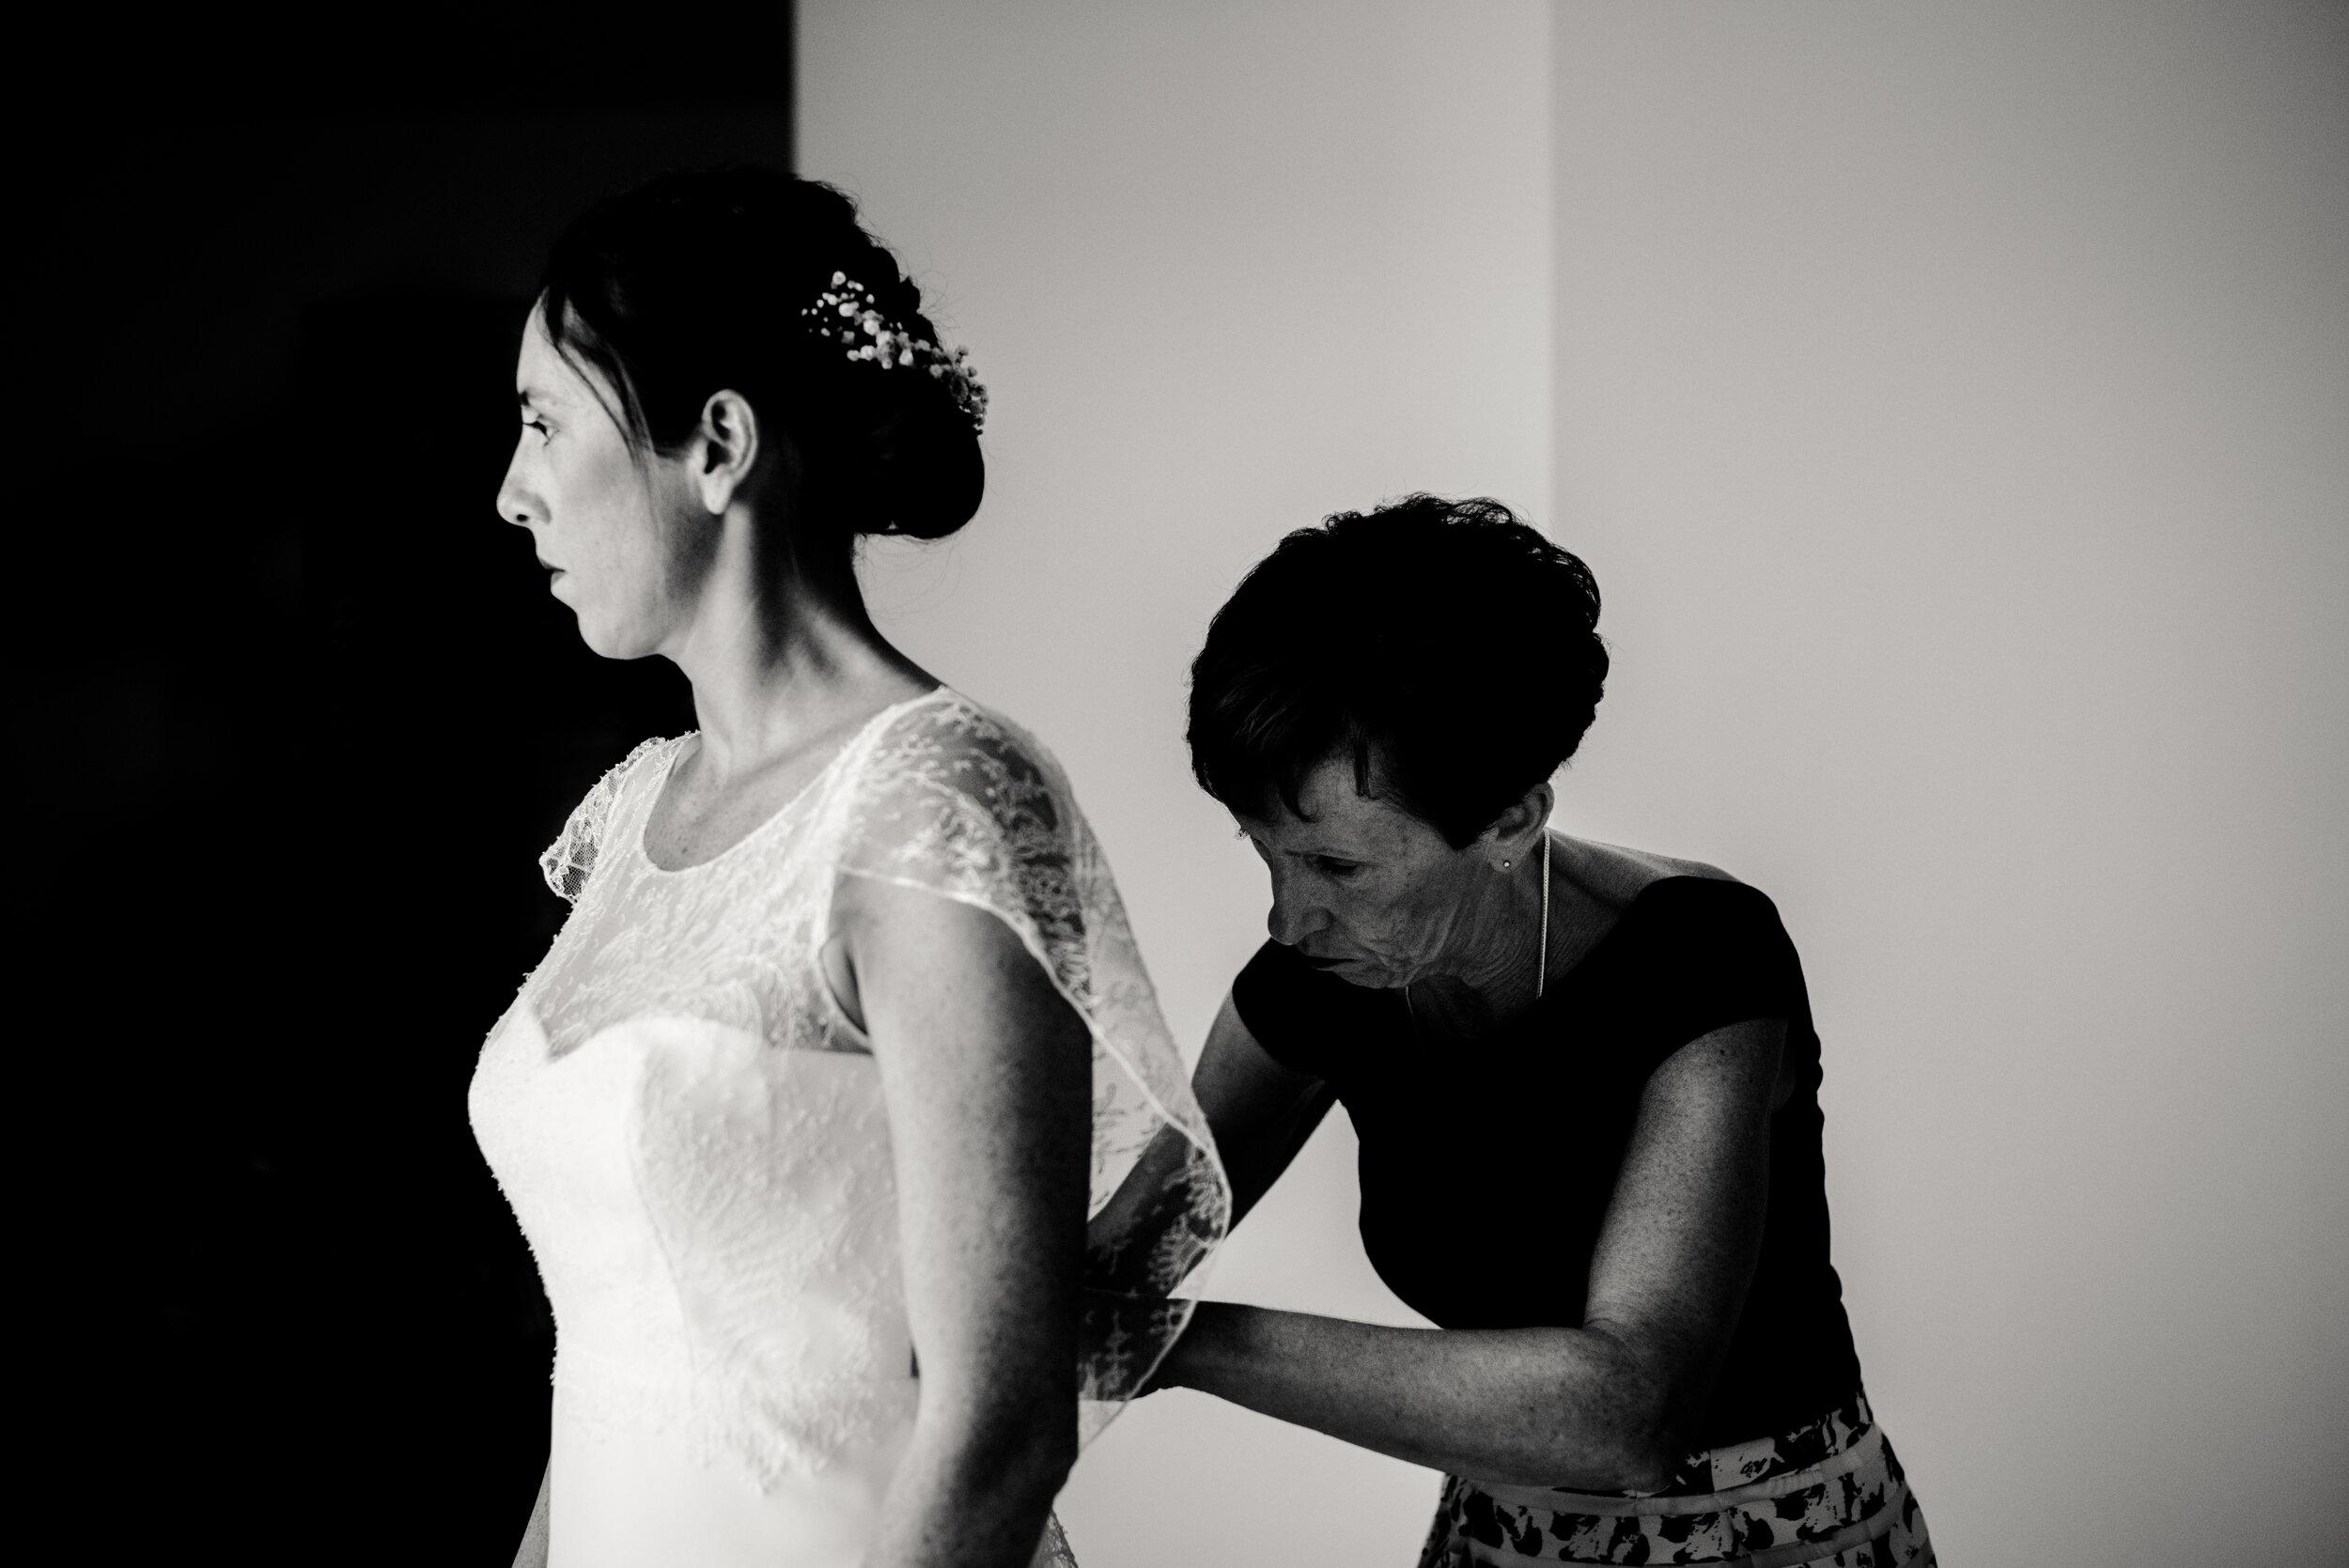 Léa-Fery-photographe-professionnel-Bretagne-portrait-creation-mariage-evenement-evenementiel-famille-1090.jpg